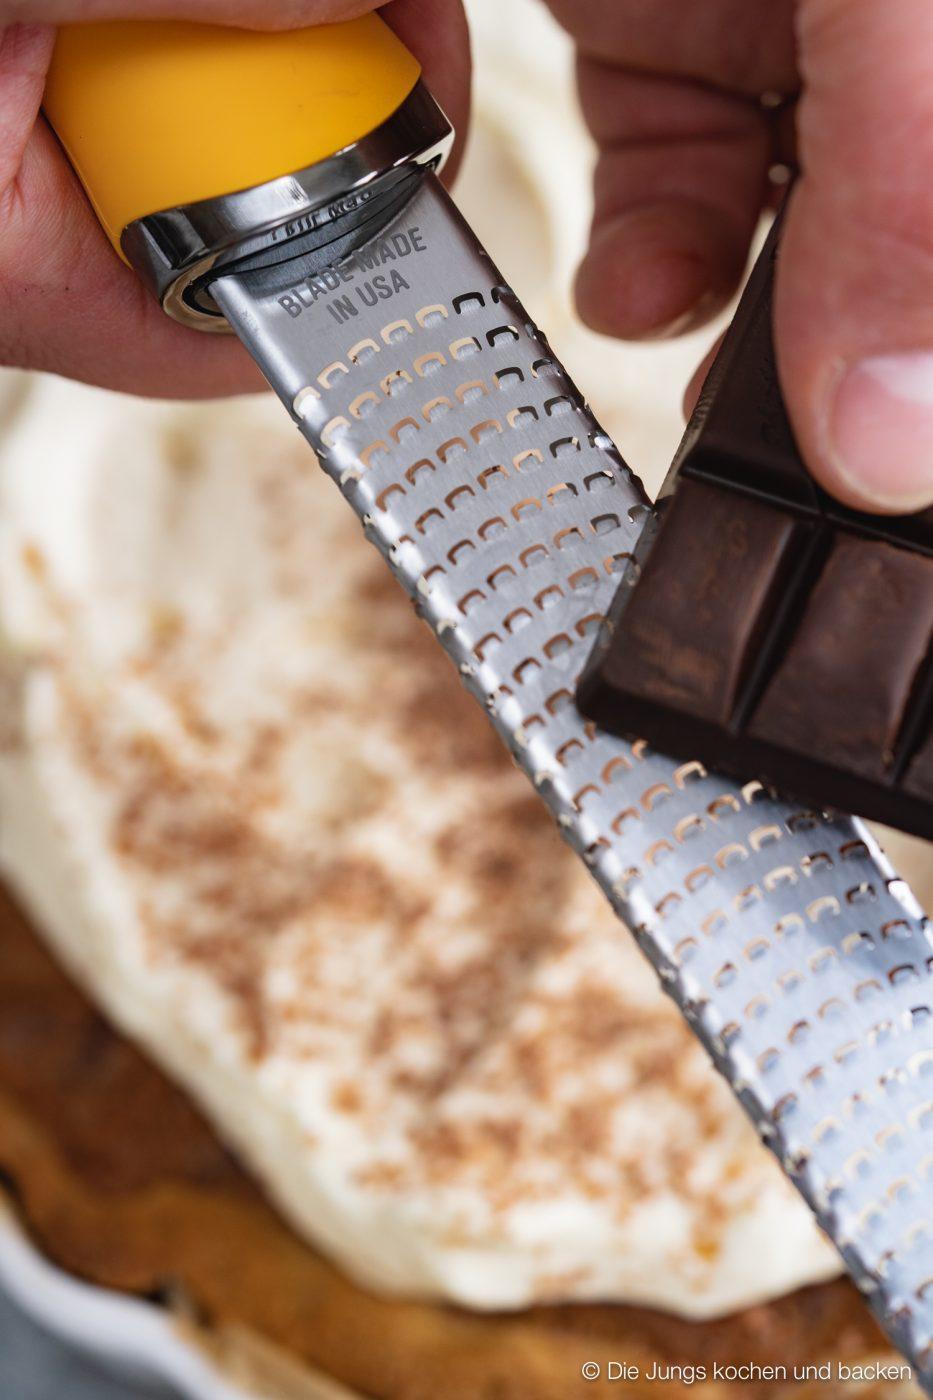 Cookie tarte eierlikör microplane 4 | Und weiter geht's mit unseren Ideen für euer Oster-Brunch. Nach den unverschämt guten Eggs Benedicts muss nun aber auch etwas Süßes auf den Tisch! An Ostern ist Eierlikör ein sehr gern gesehener Gast und auch bei unserem heutigen Rezept spielt er eine leckere Rolle. Wir haben eine wunderbare Sünde für die Ostertage gebacken, die ihr mit Sicherheit lieben werdet - eine Cookie-Tarte mit Tonkabohne & Eierlikör.